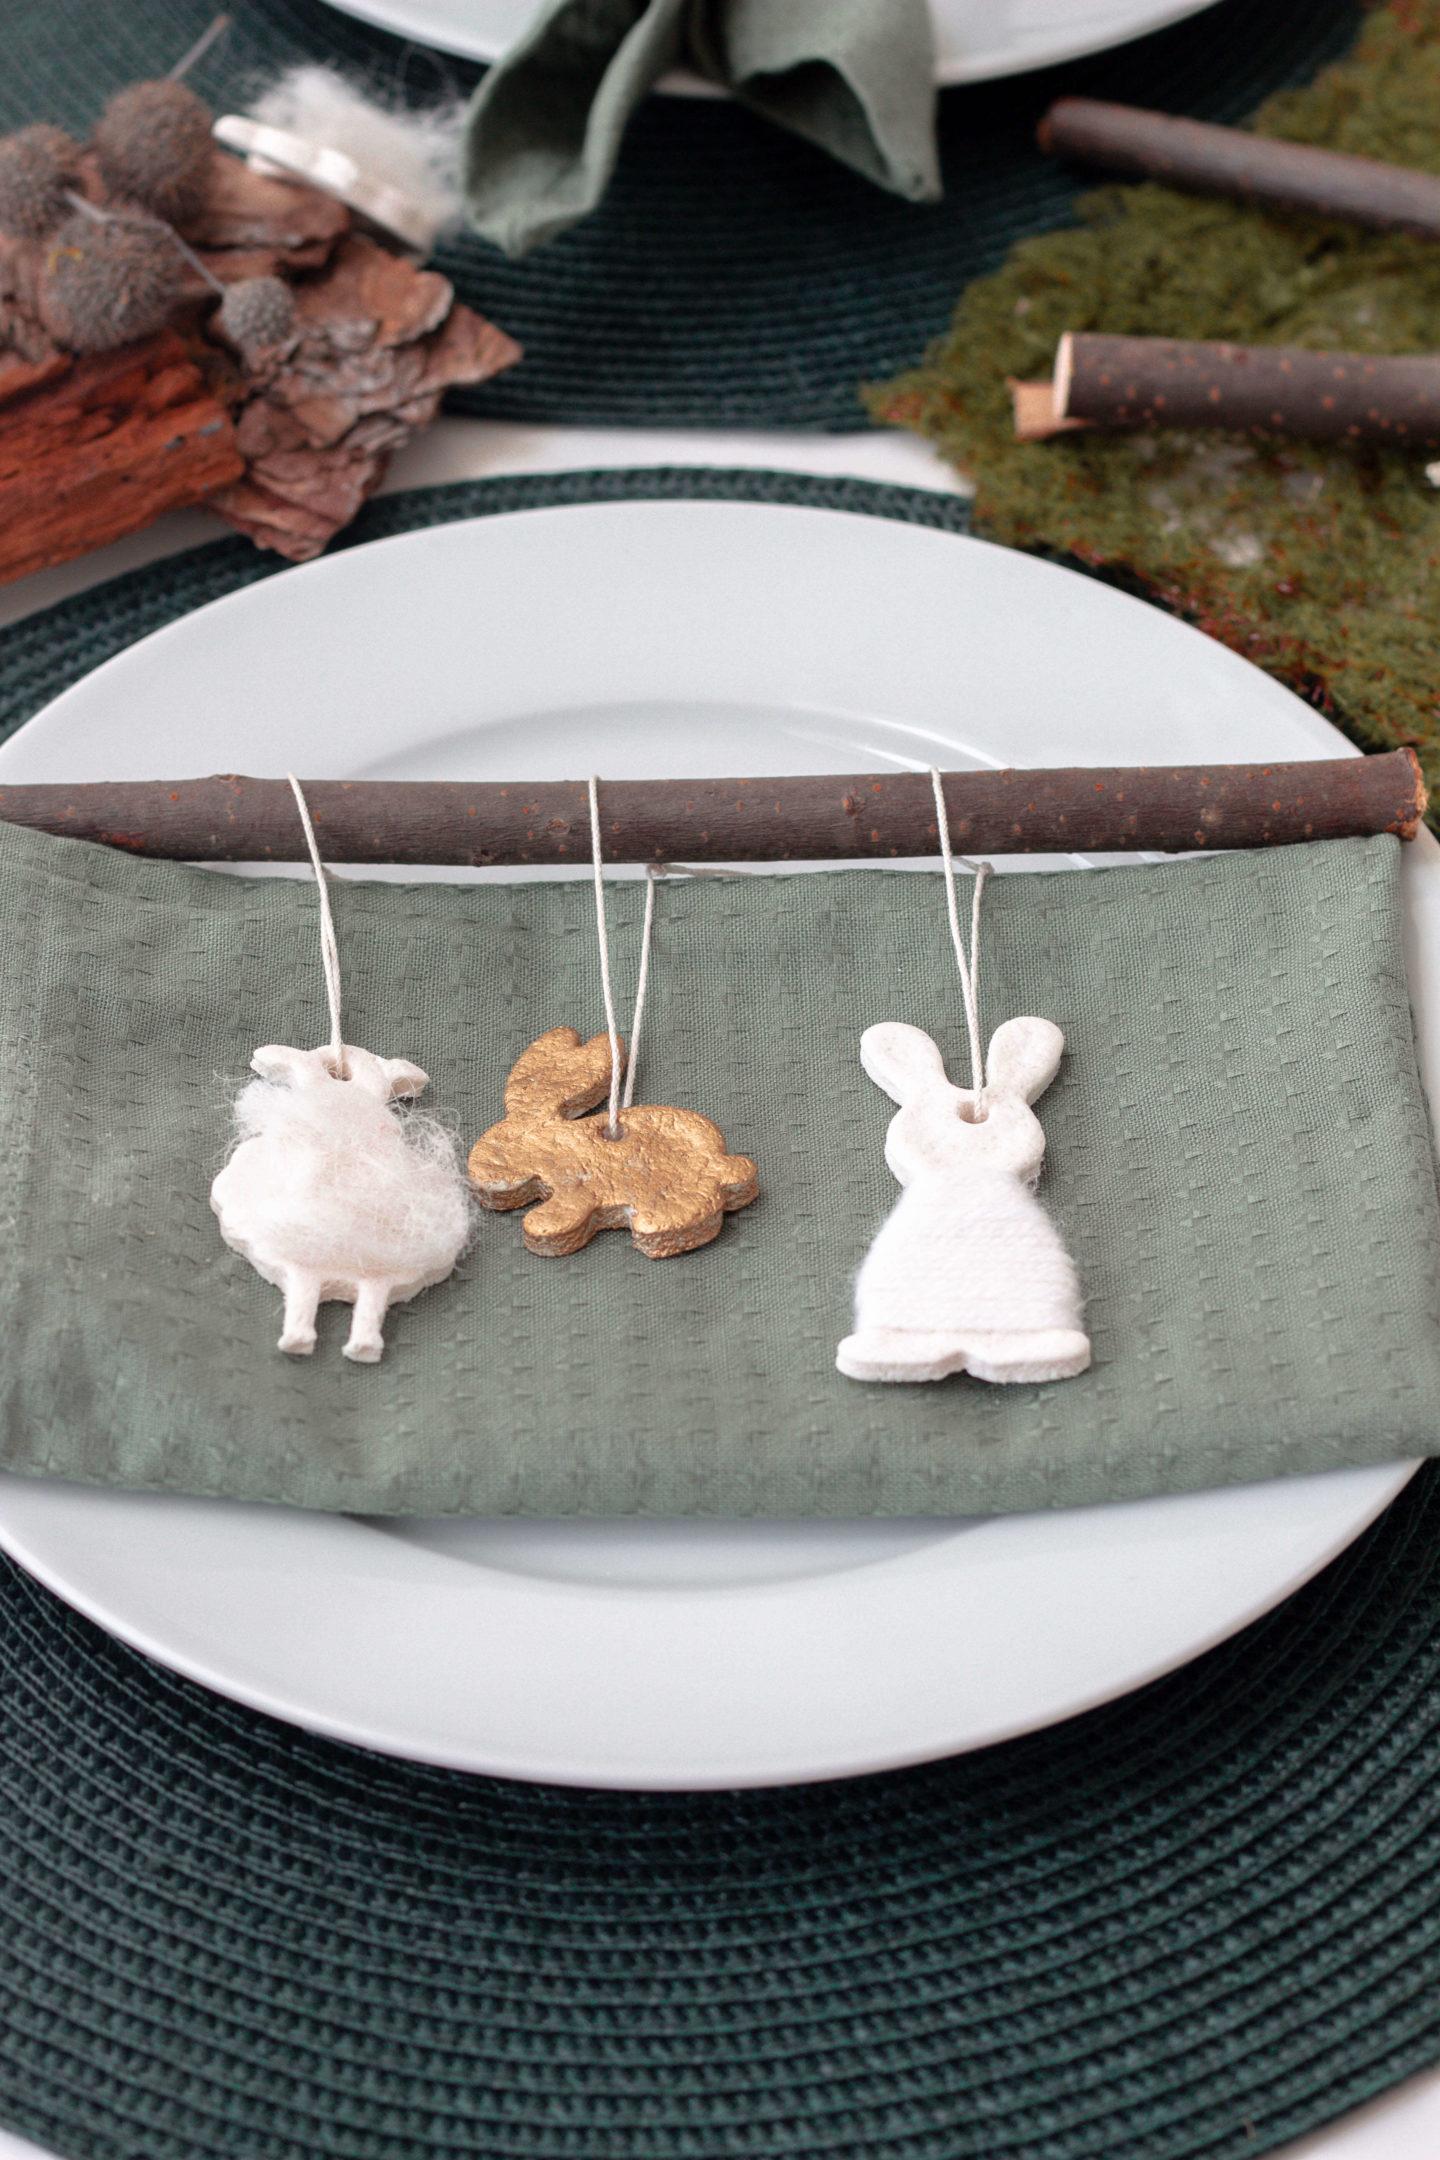 Ostern Salzteig DIY-Ostern 2020-Tischdeko-Dein Homespa- Food & Wohlfühlblog aus dem Mostviertel